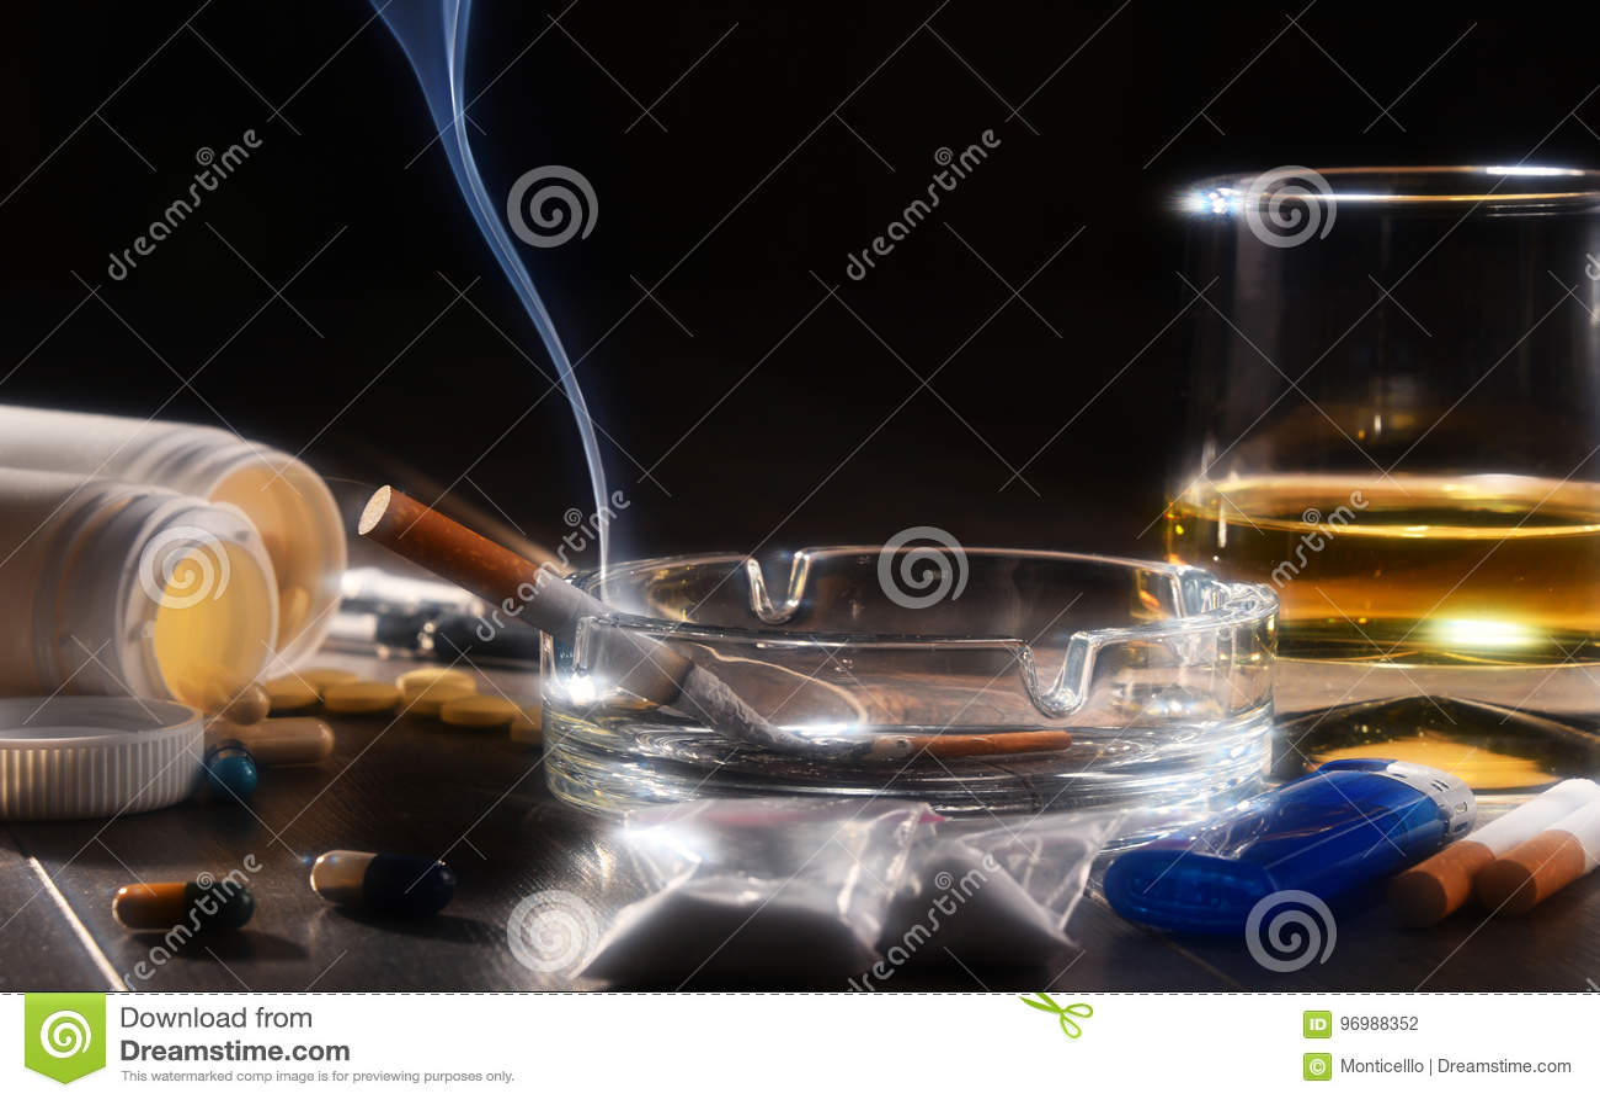 Süchtig machende Substanzen, einschließlich Alkohol, Zigaretten und Drogen